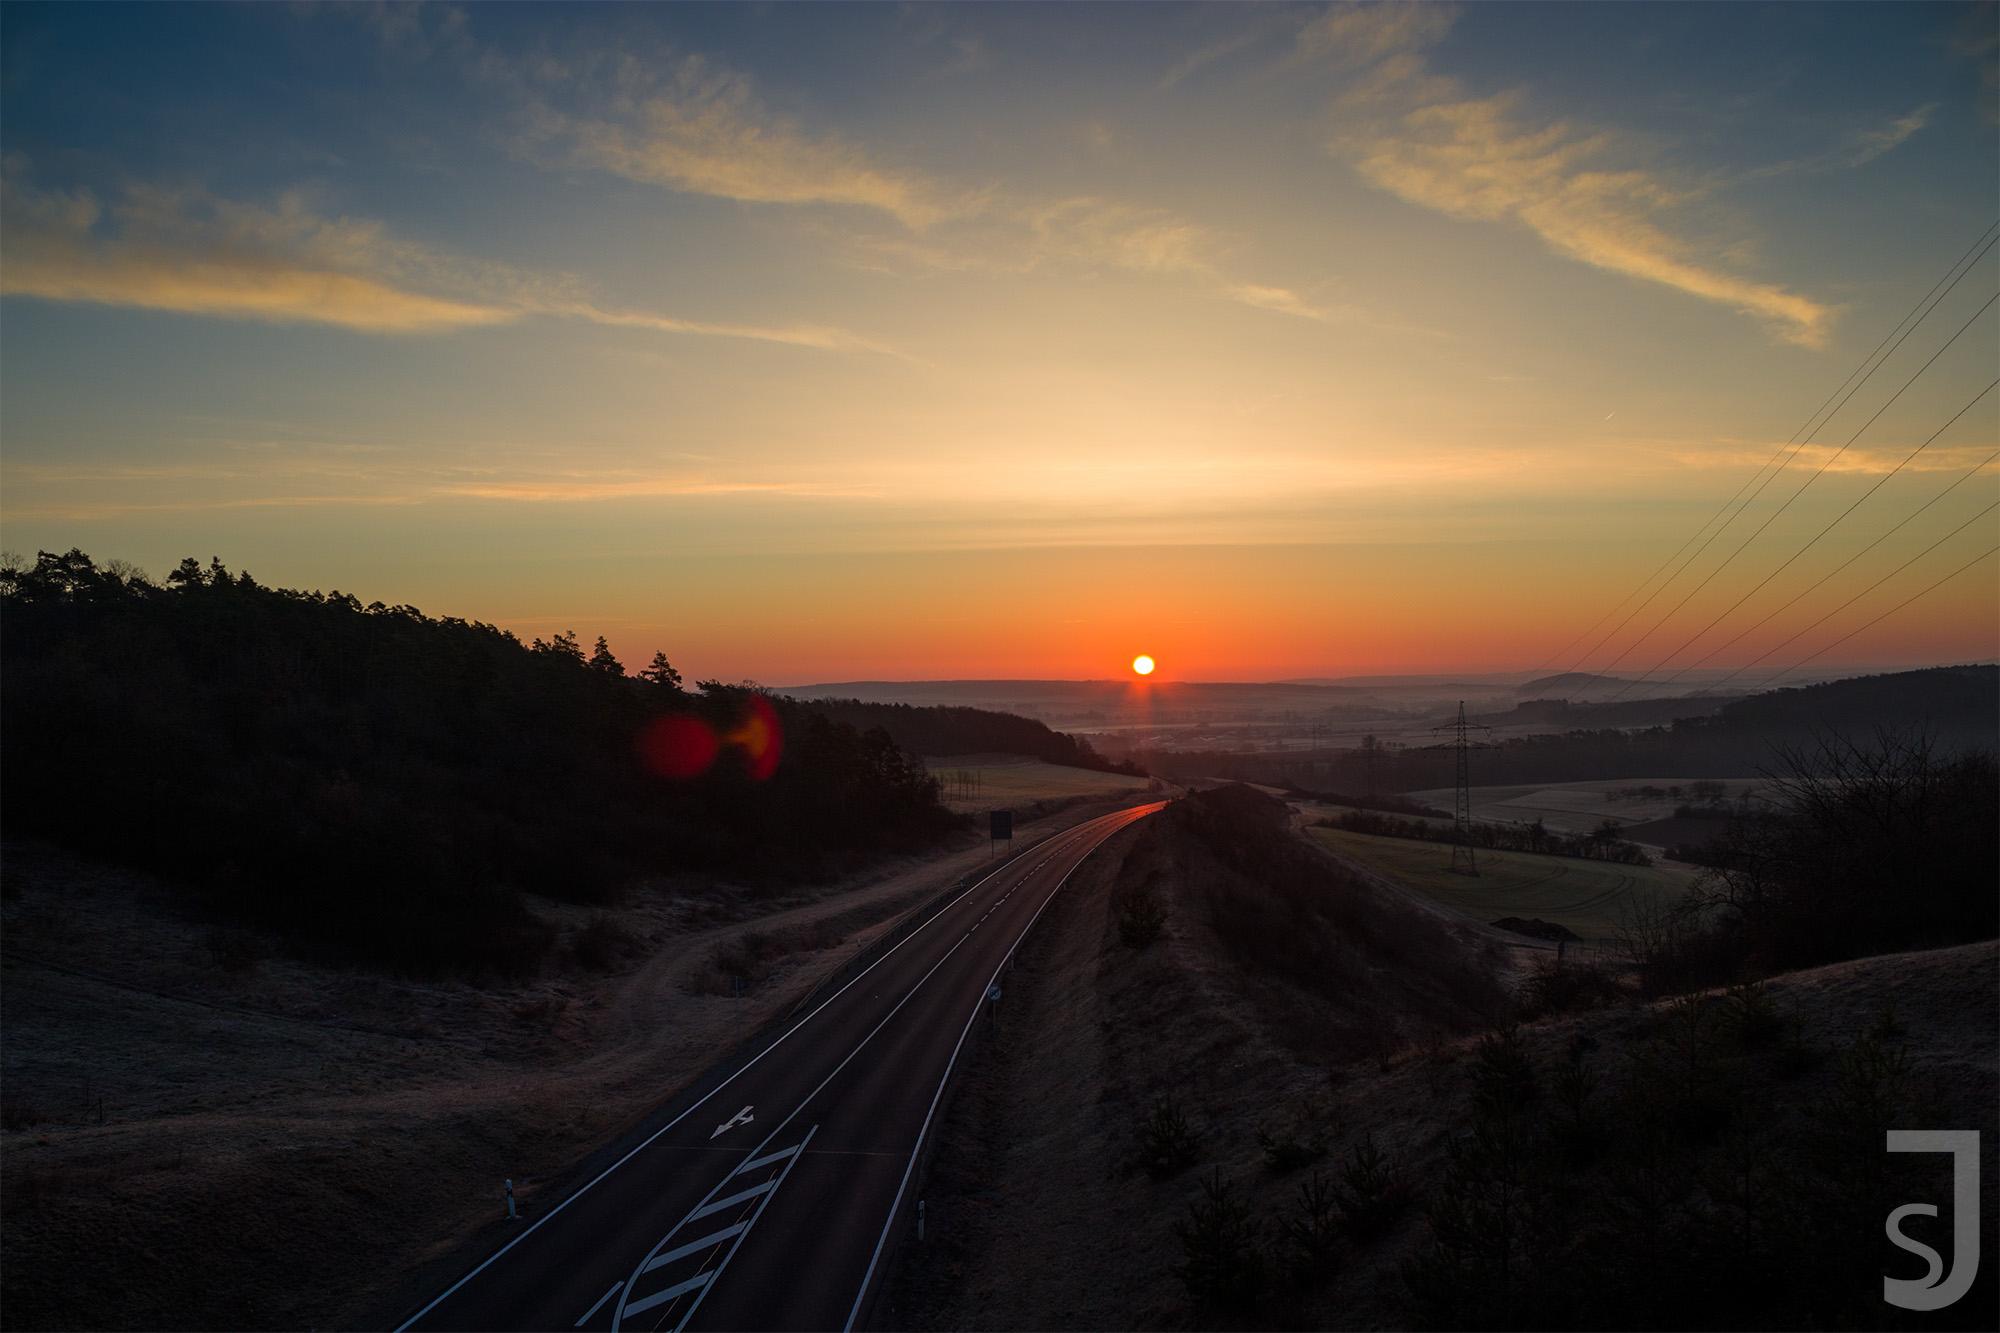 Sonnenuntergang Autobahnzubringer (mittig), Bad Neustadt